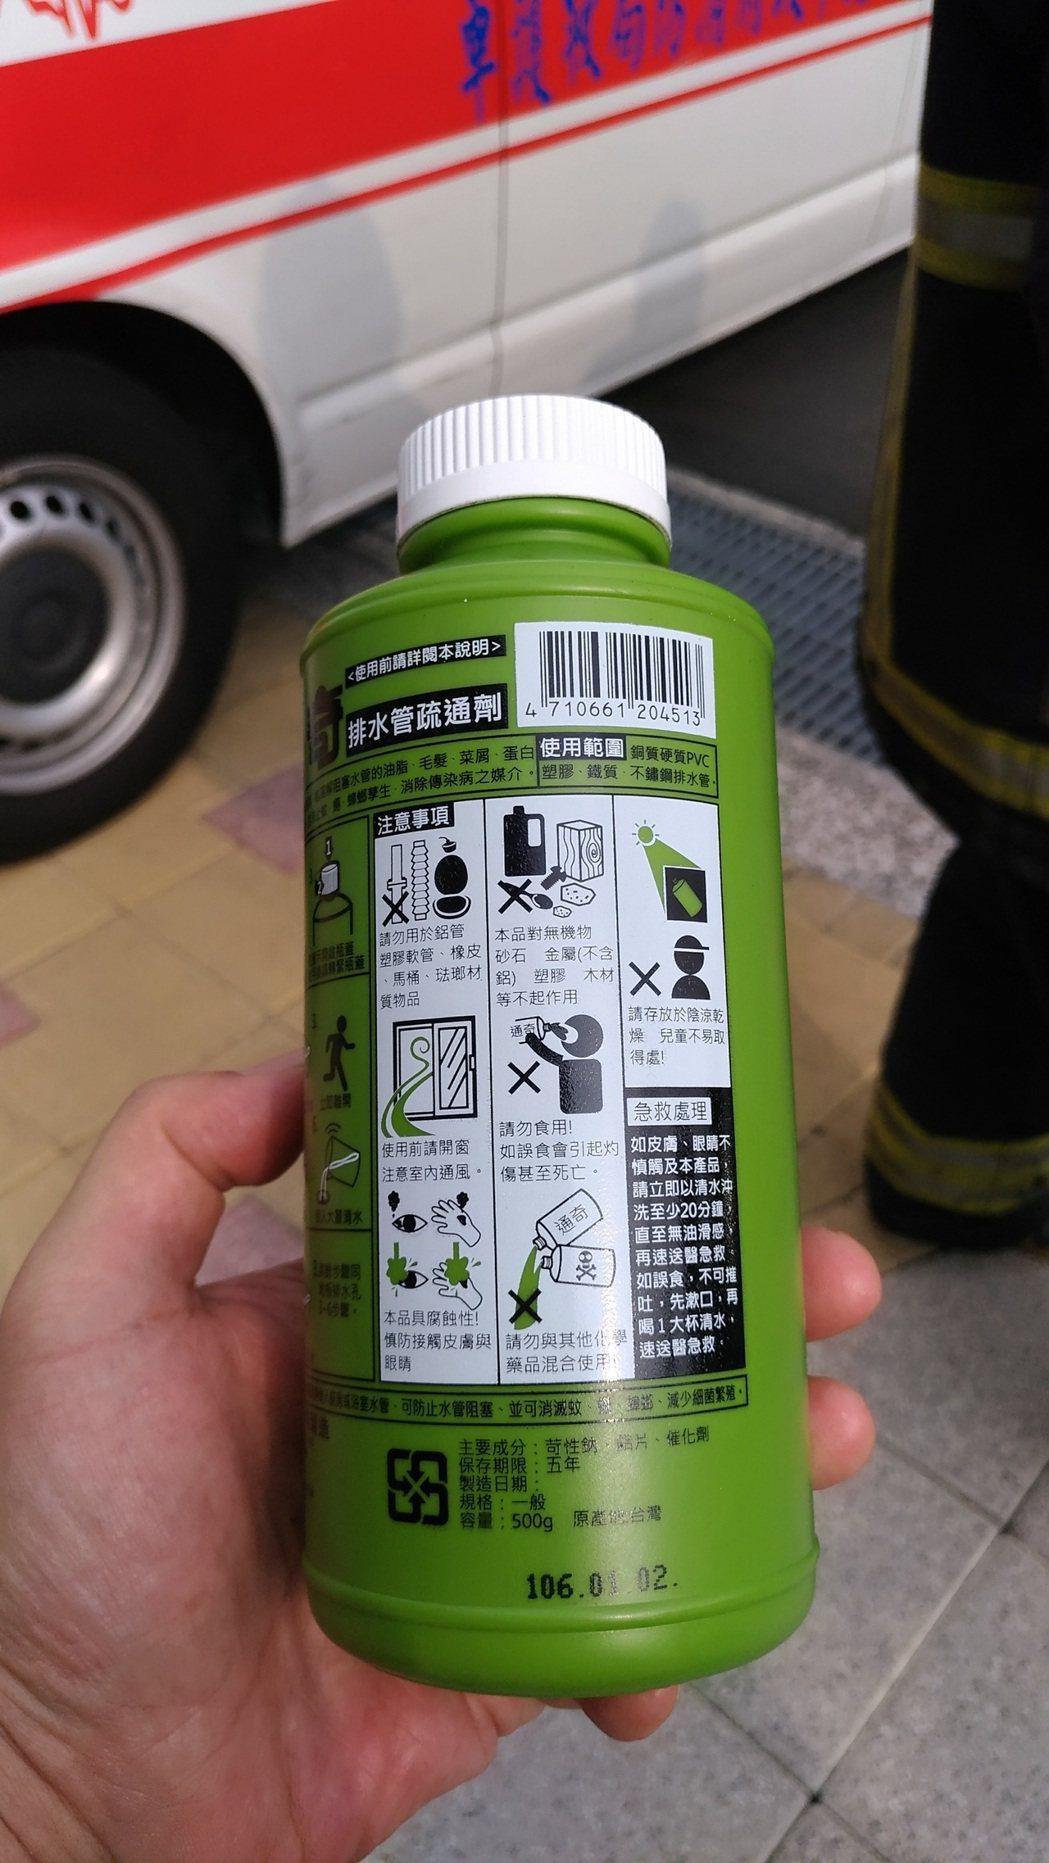 消防隊指出,水管疏通劑瓶身都有警語和使用說明,請民眾務必詳閱。 記者林昭彰/攝影